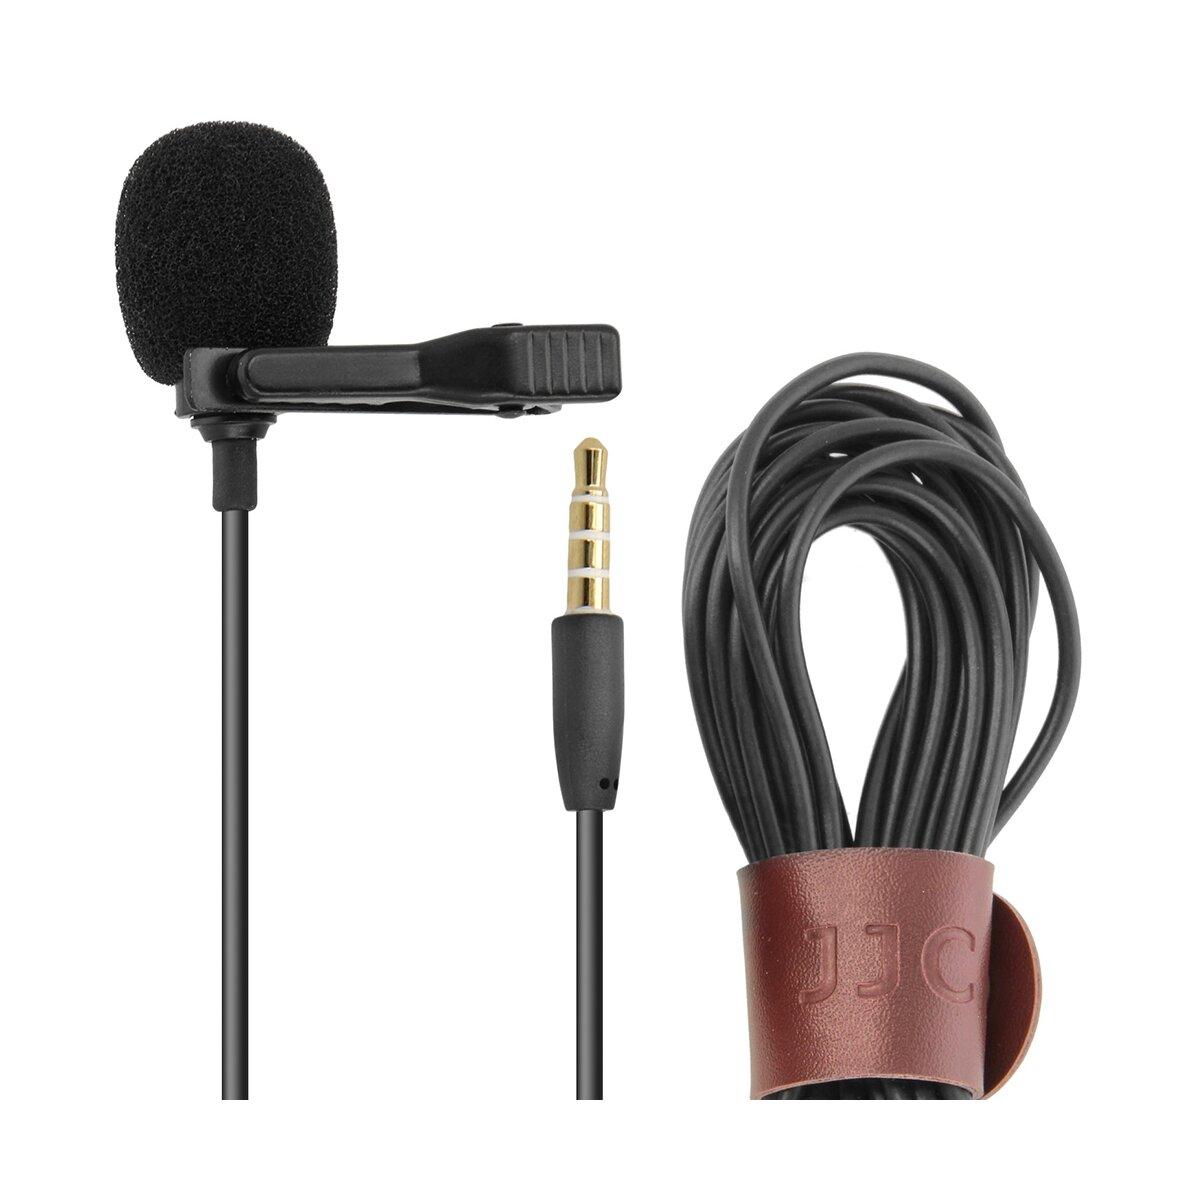 JJC Lavalier-Mikrofon für Smartphone | Ansteckmikrofon mit Clip | Mikrofon, aufnahme aus allen Richtungen, 4m Kabellänge | Perfekte Wahl für Video-Blogger